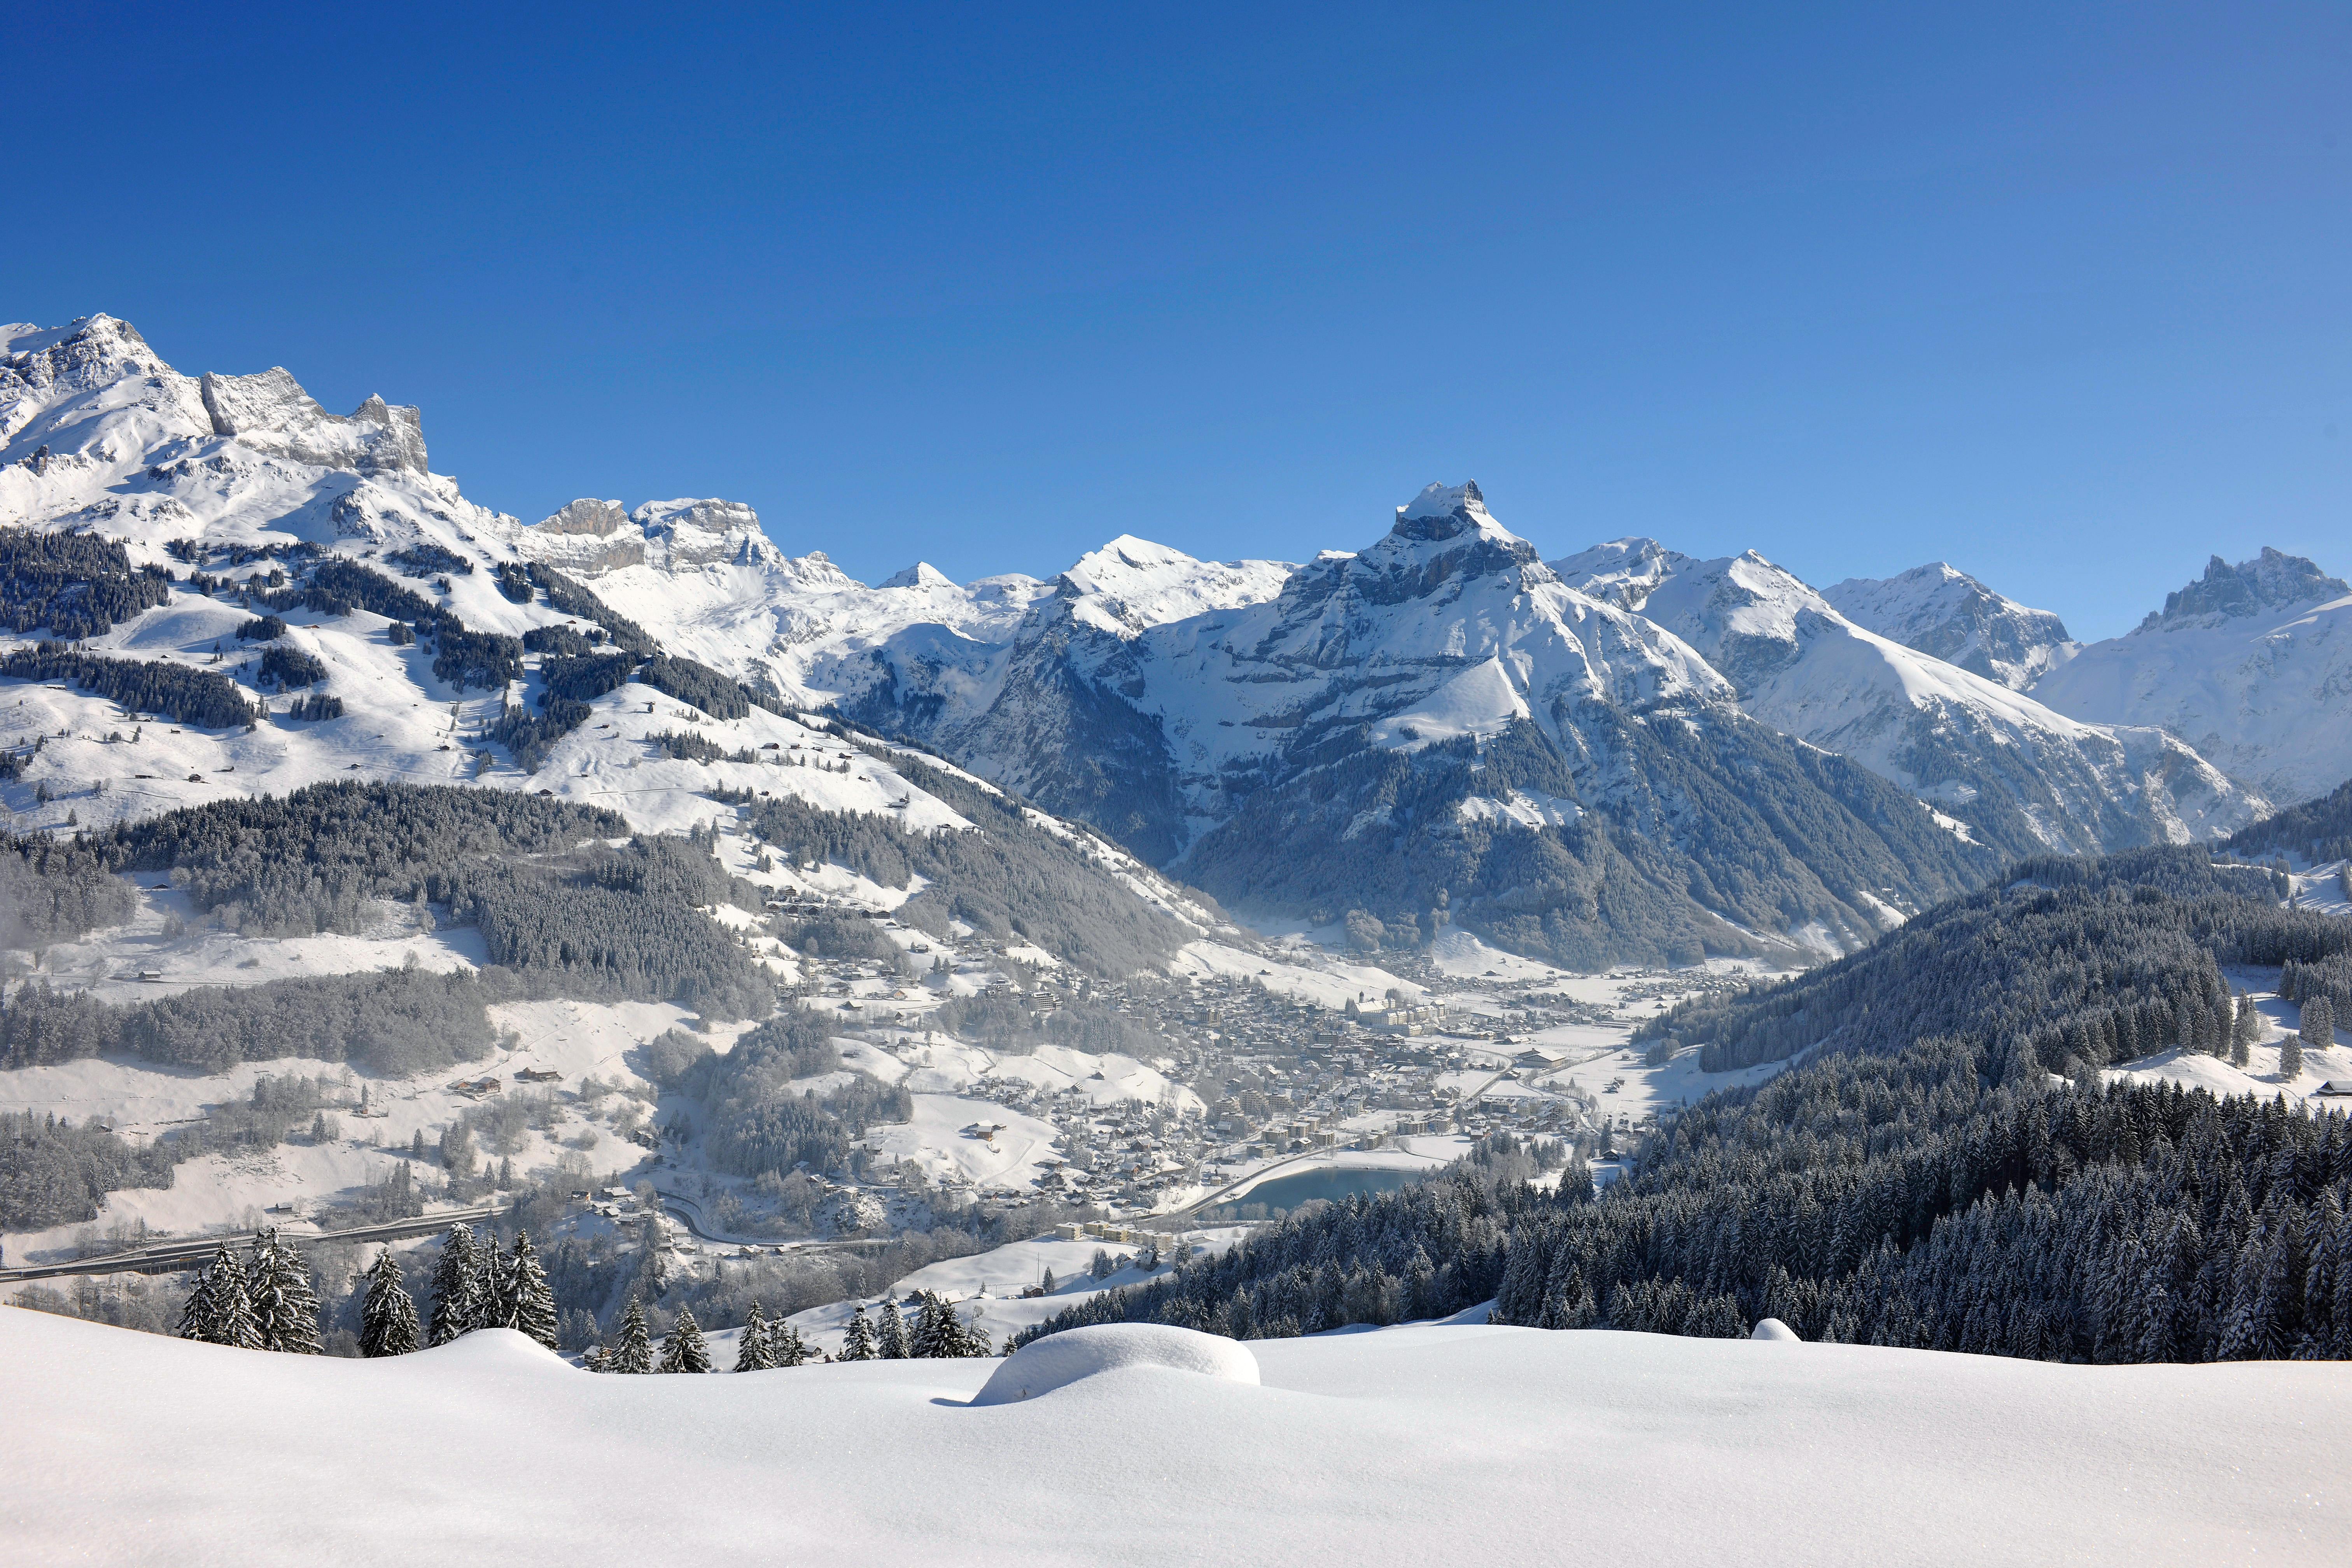 Het winterse landschap van het Zwitserse Engelberg